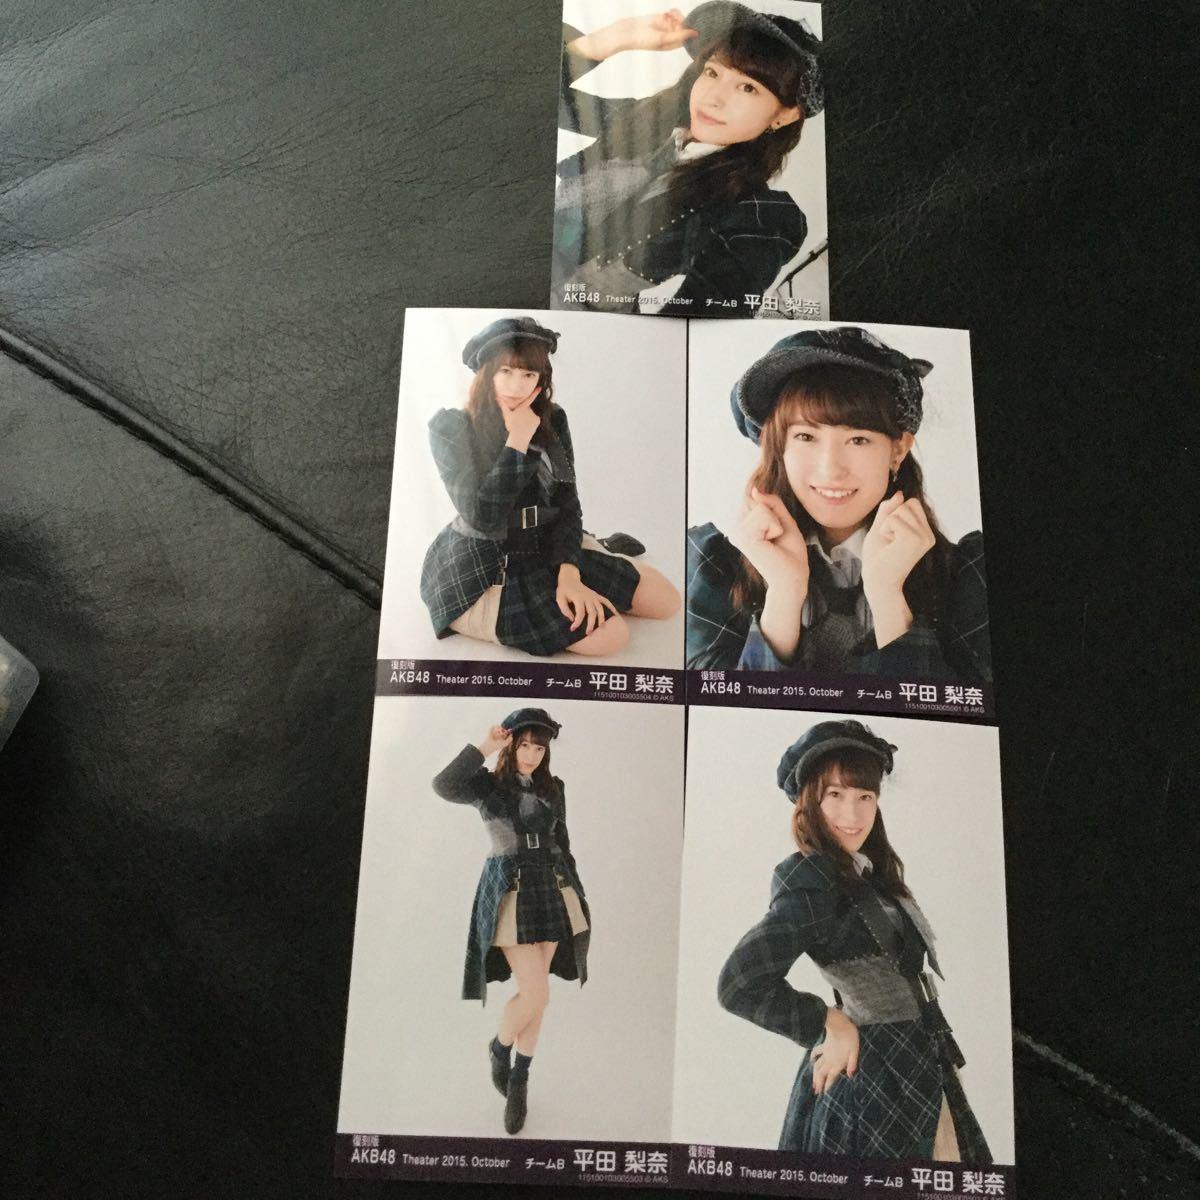 即決 希少 AKB48 2015年 10月 福袋当選品 月別復刻 5枚コンプ 共通入り 平田梨奈_画像1